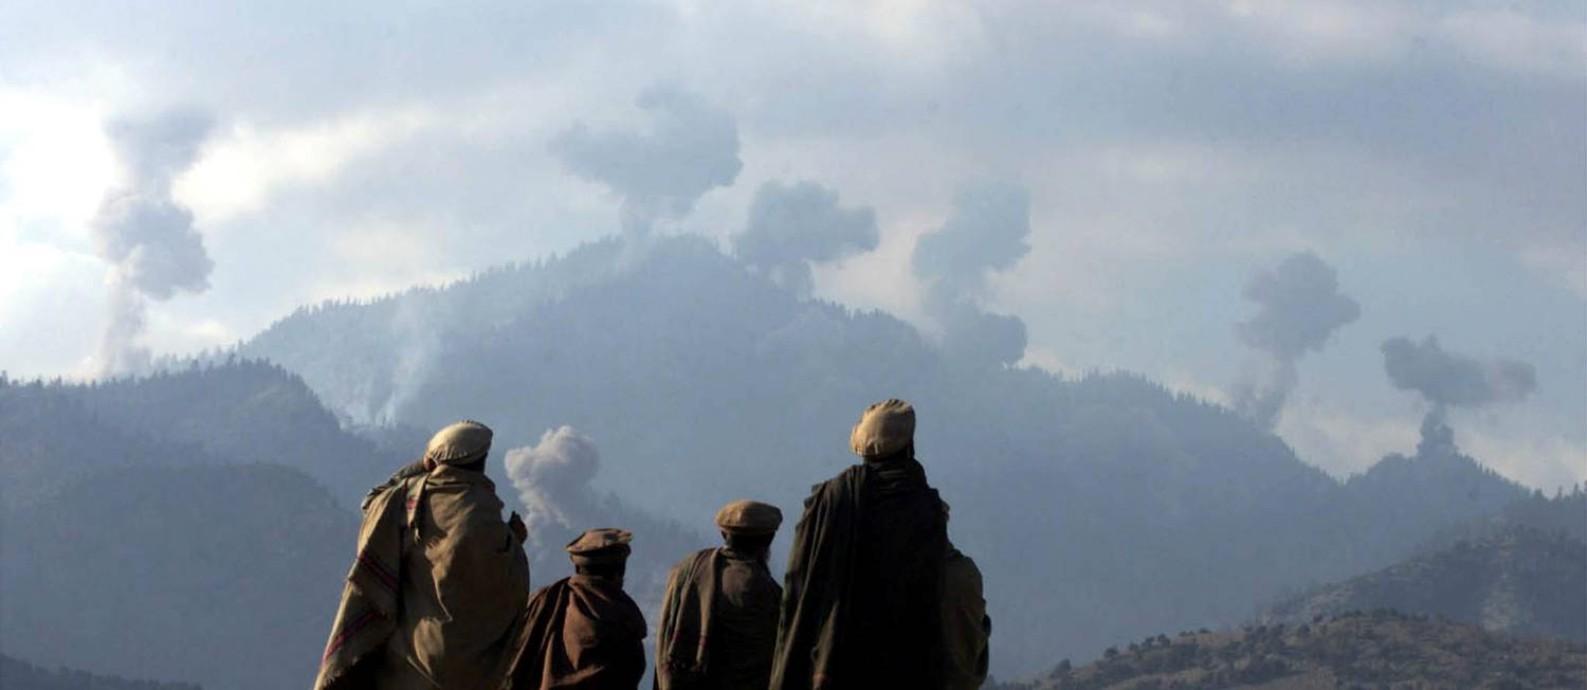 Milicianos que lutavam contra o Talibã observam bombardeio americano nas montanhas de Tora Bora, no Afeganistão, em dezembro de 2001 Foto: ERIK DE CASTRO / REUTERS